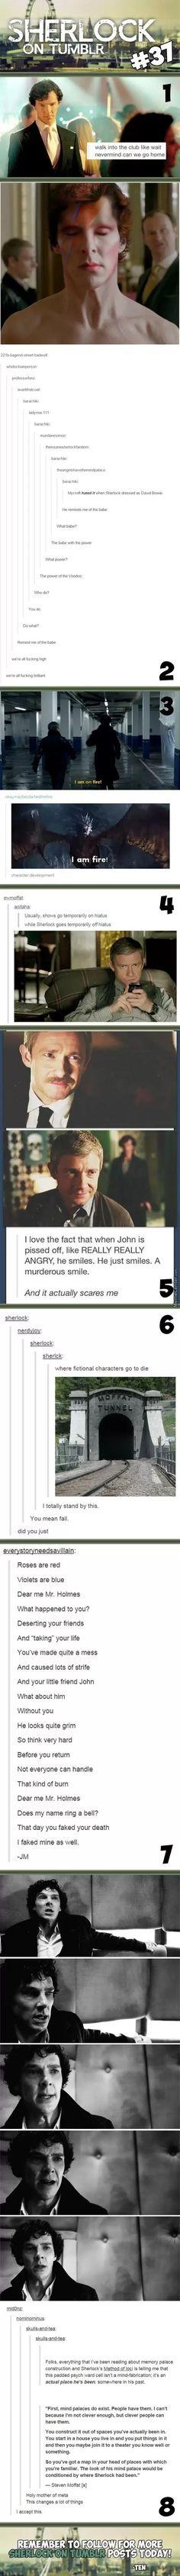 Sherlock On Tumblr #37